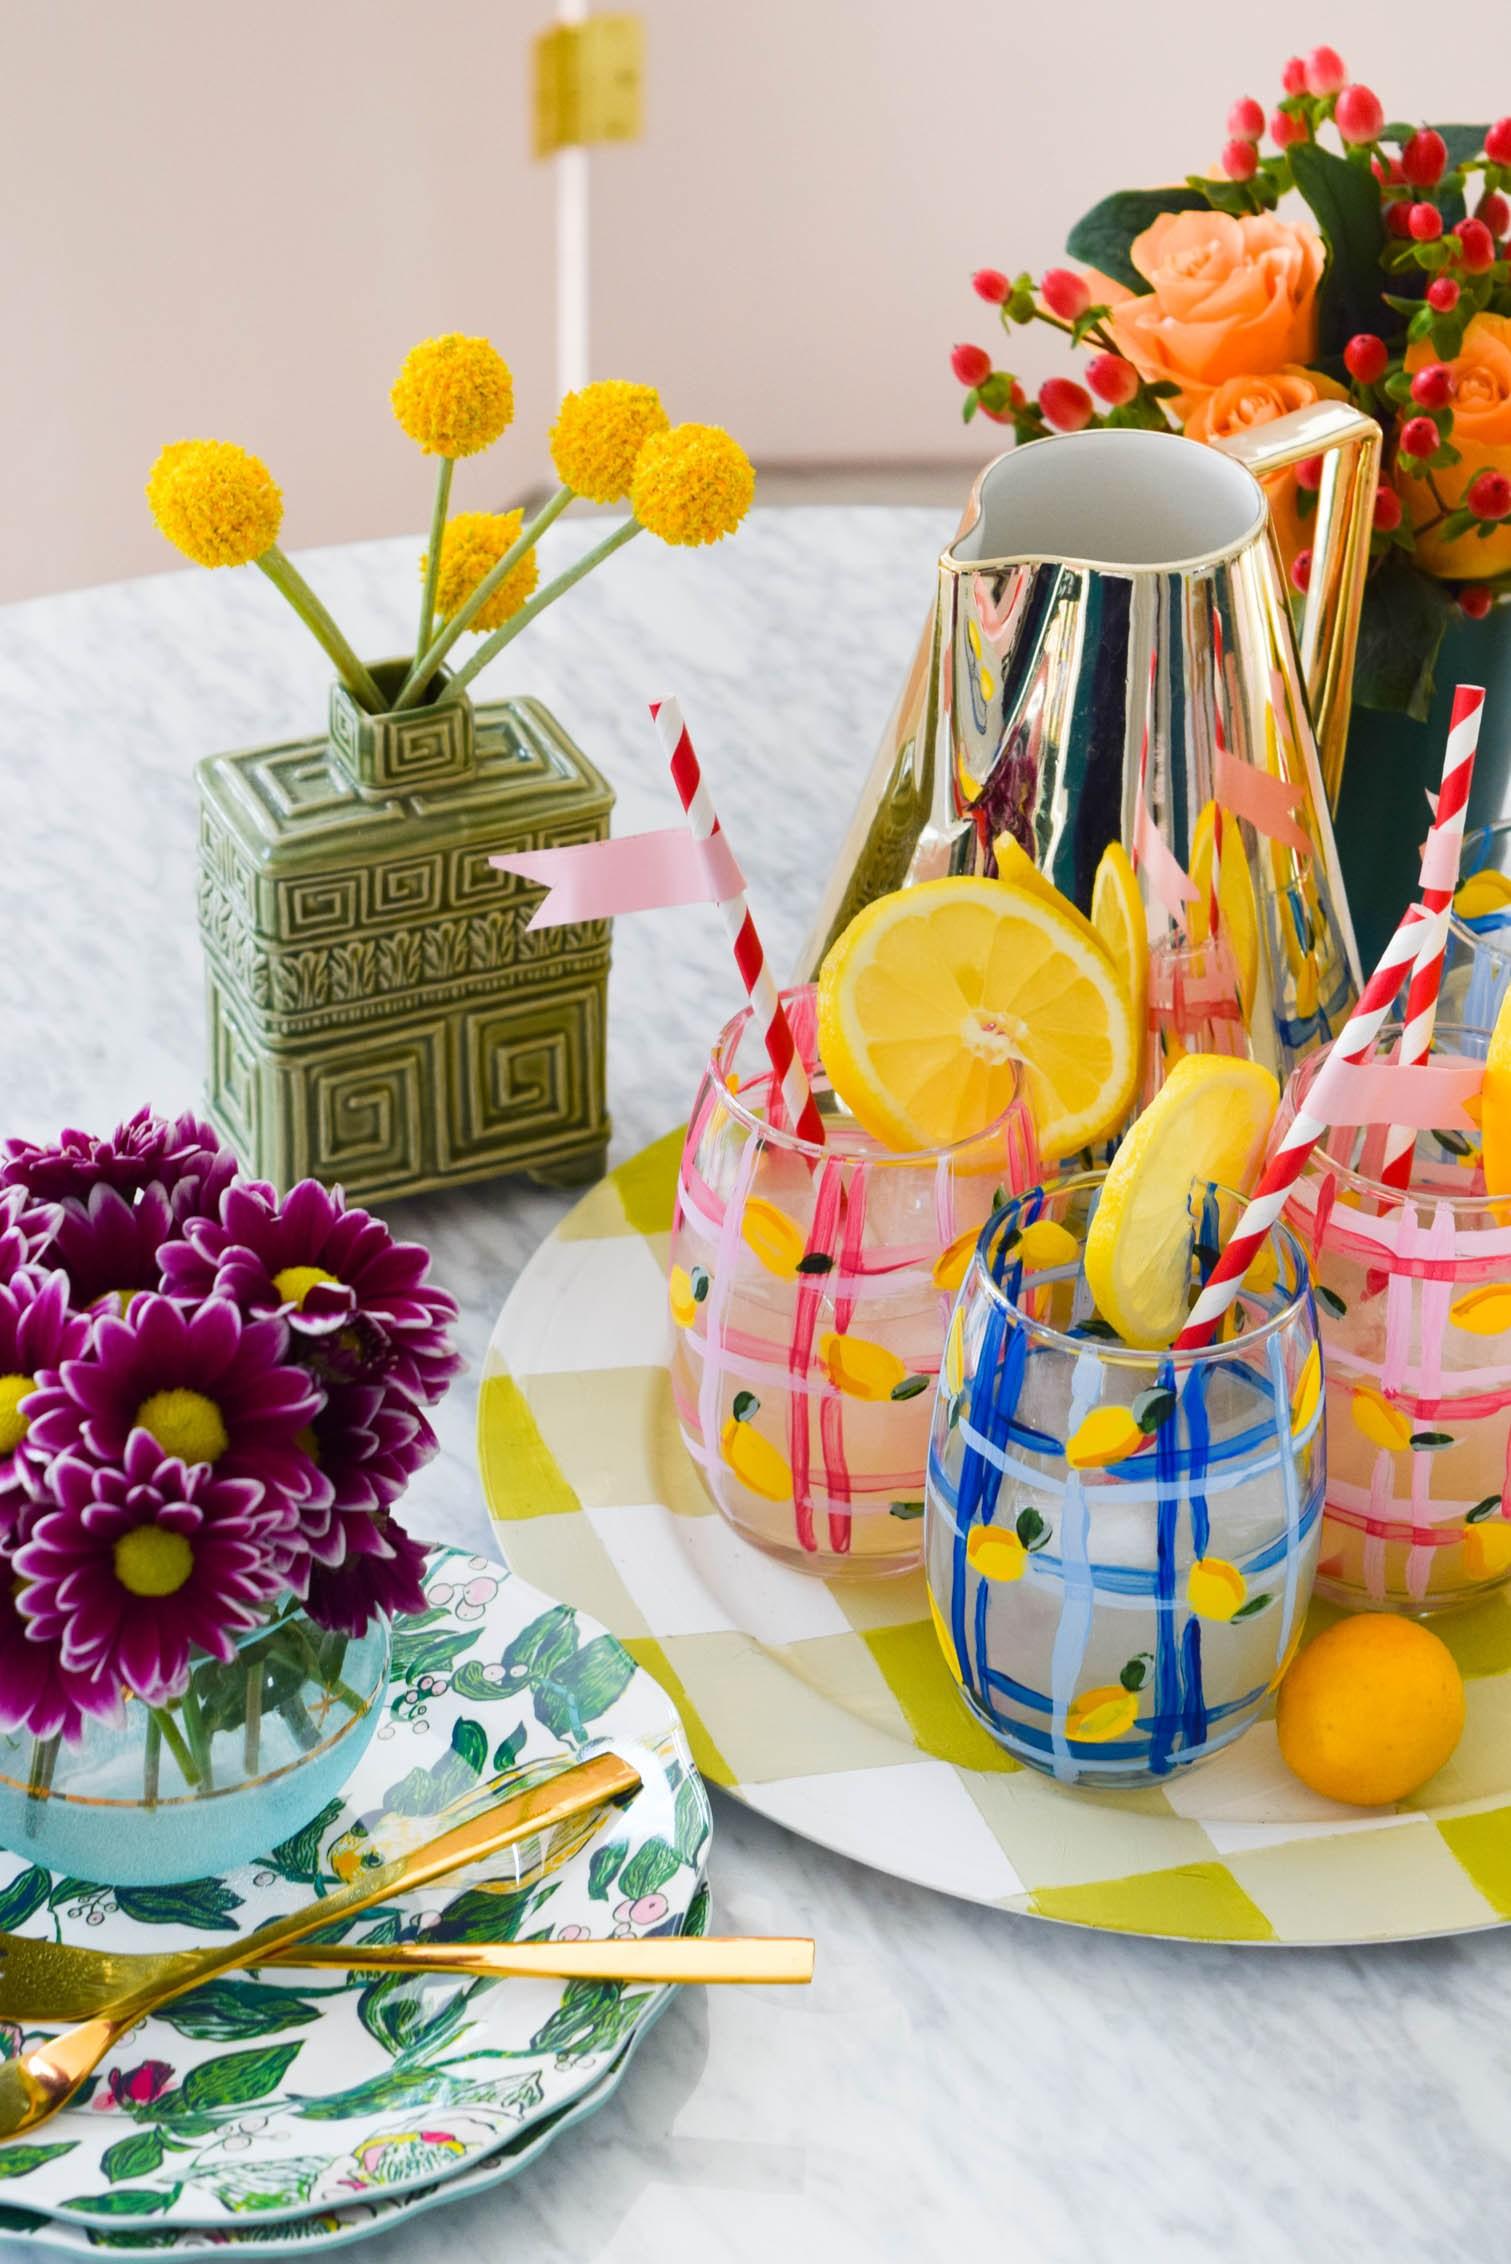 activité manuelle été, verre décoré de motif citron jaune et des bandes bleues et rose dans un plateau de service, bouquet de fleurs